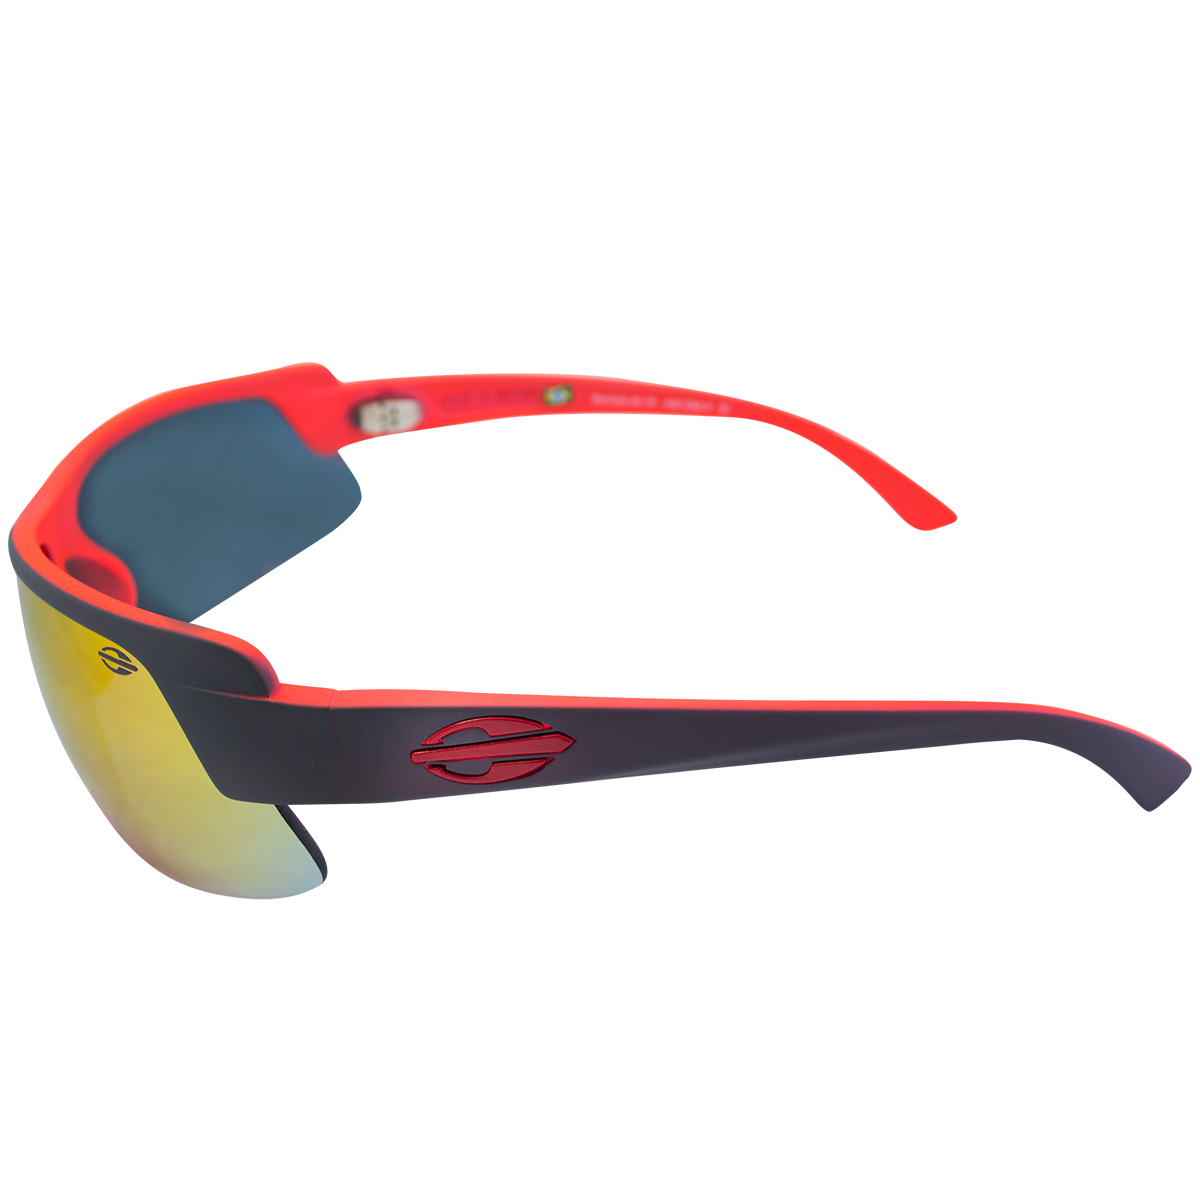 ... Óculos Mormaii Gamboa Air 3 Vermelho e Preto Lente Ruby Espelhada ... f71e4fd3d9